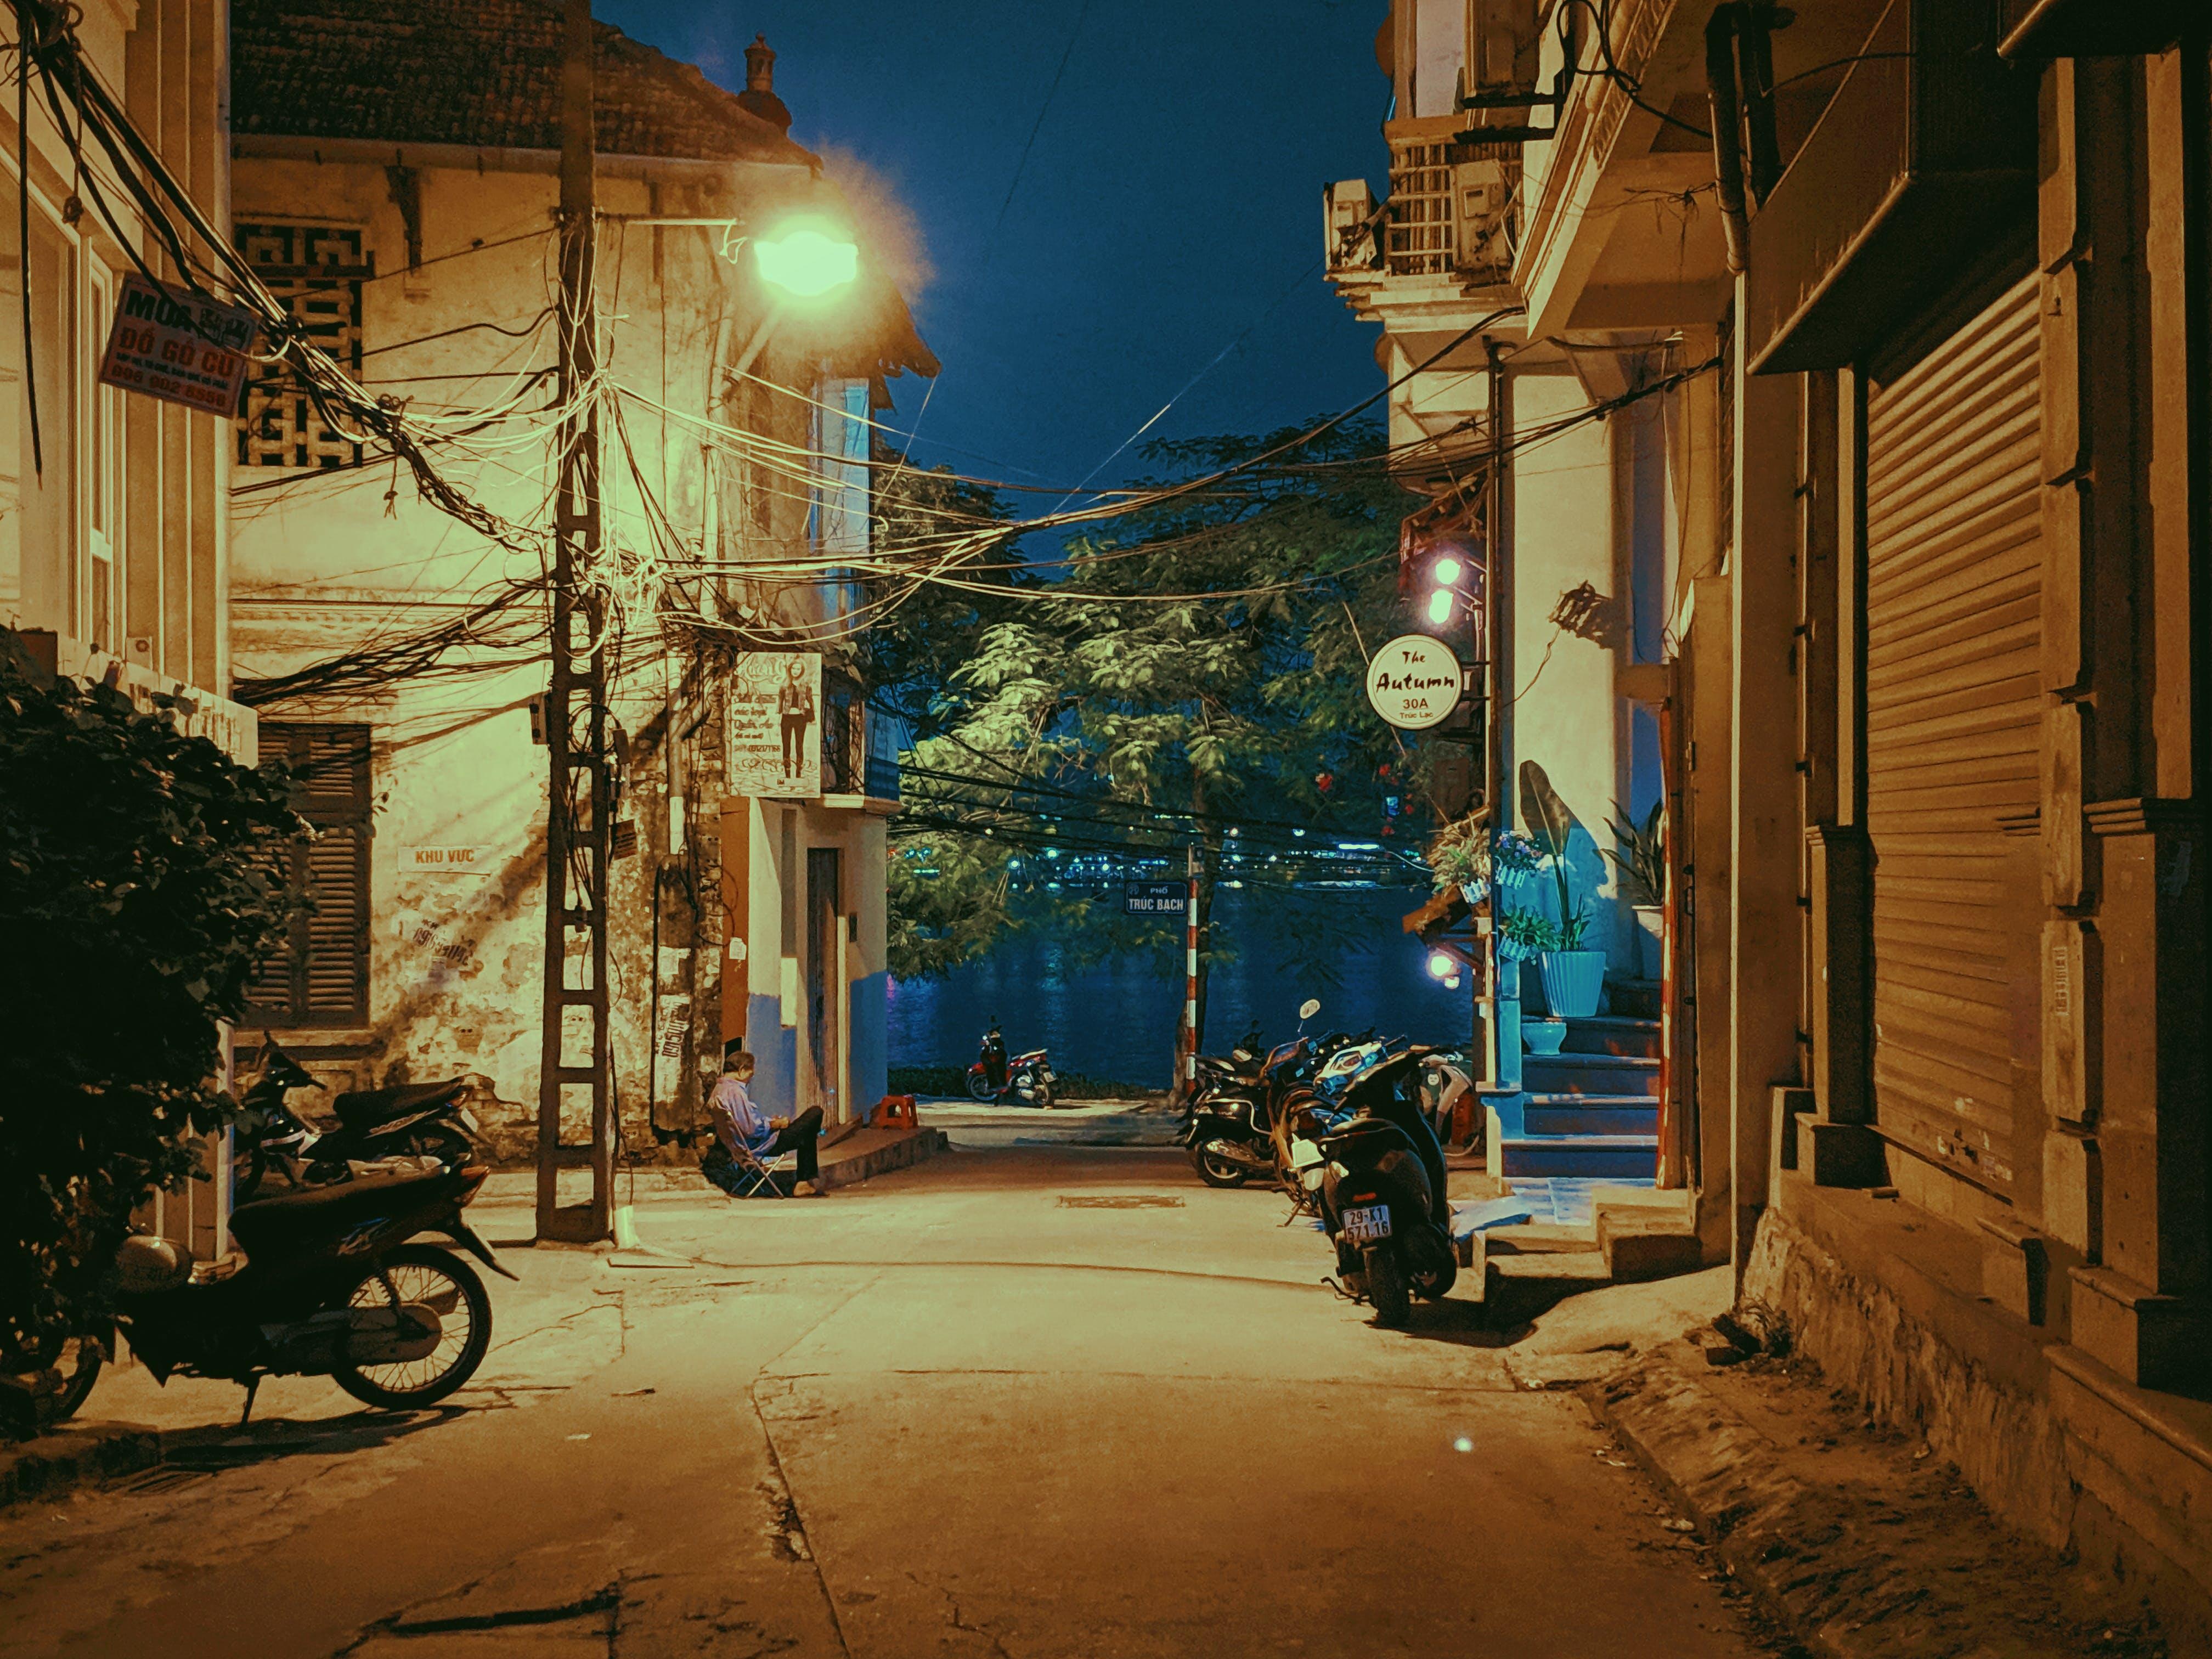 Gratis stockfoto met architectuur, avond, fel, gebouw